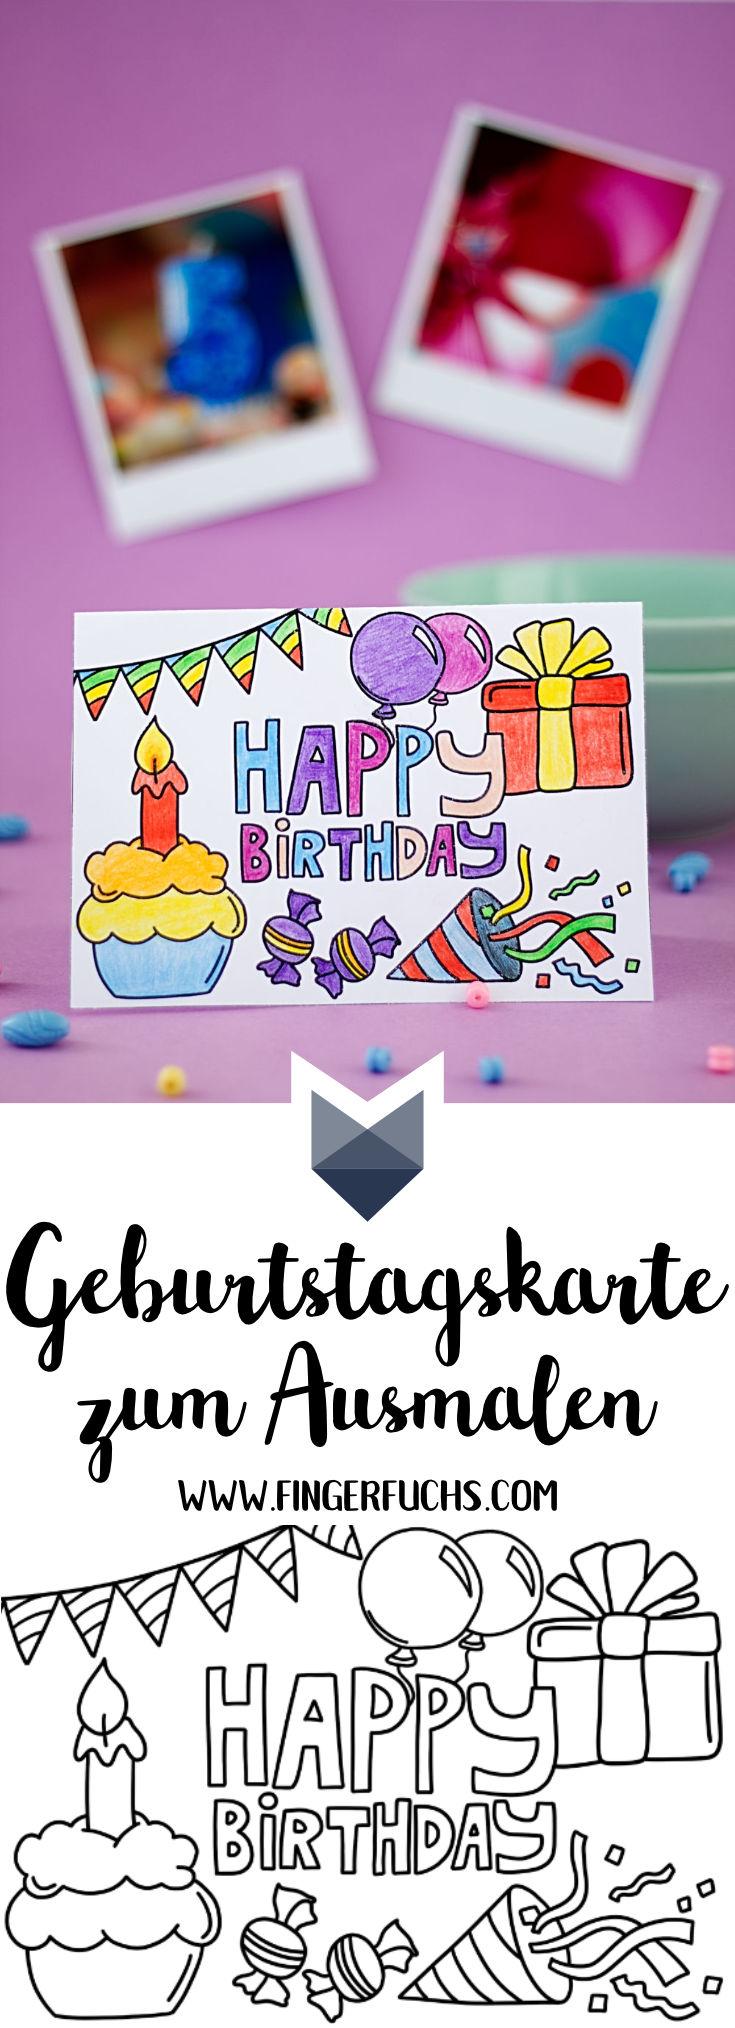 Geburtstagskarte zum Ausmalen Pinterest